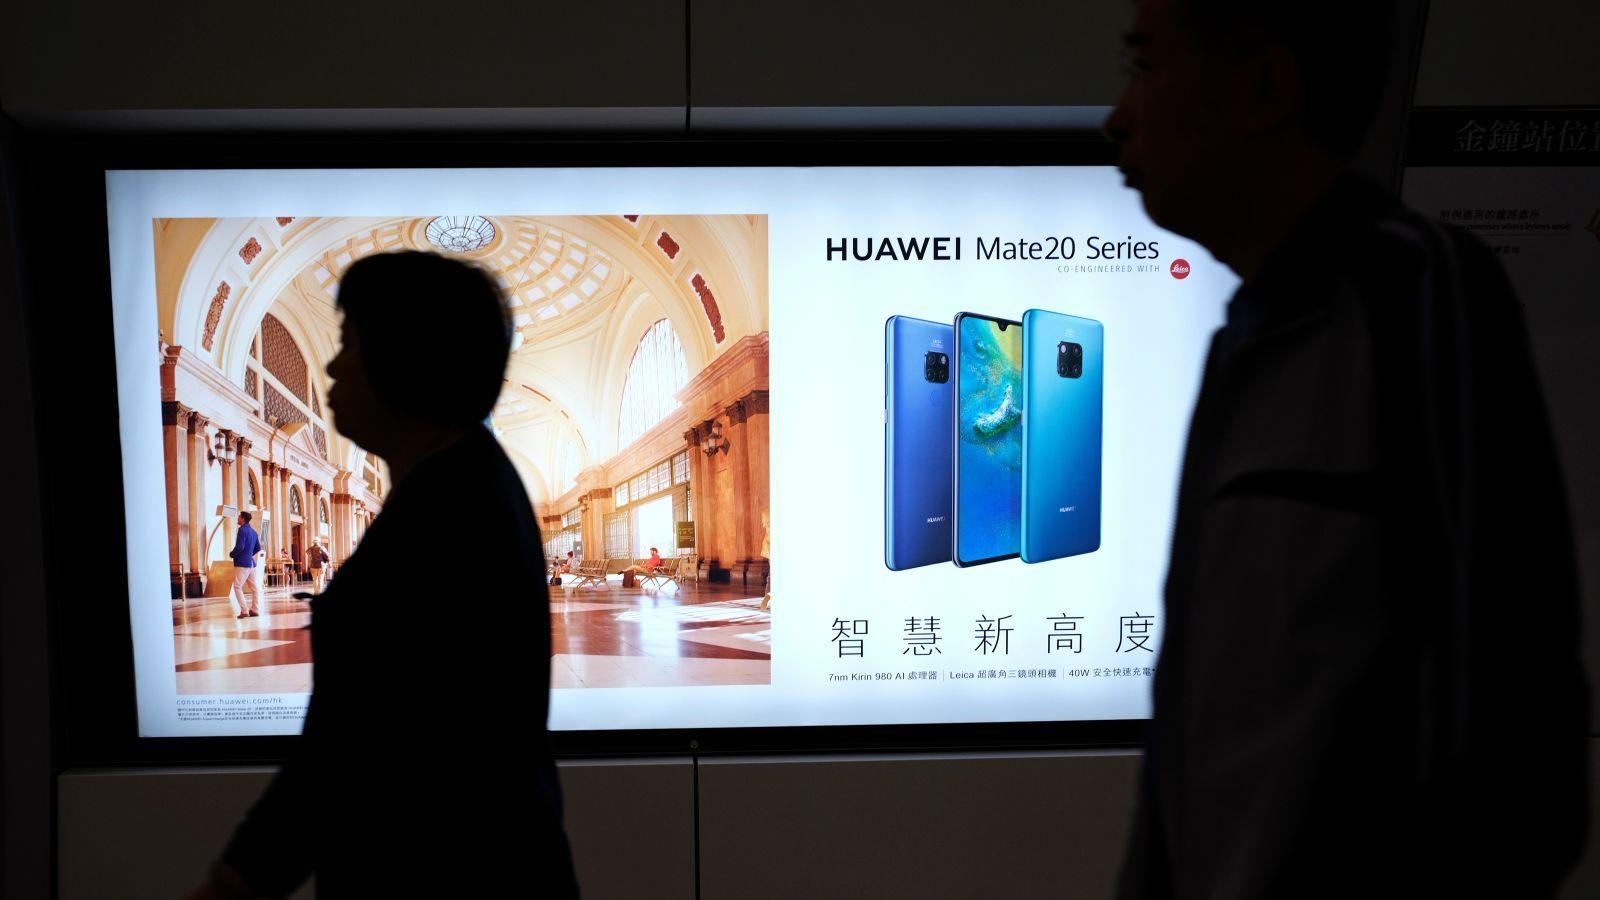 中国智能手机市场 2018 成绩单出炉:寒冷依旧